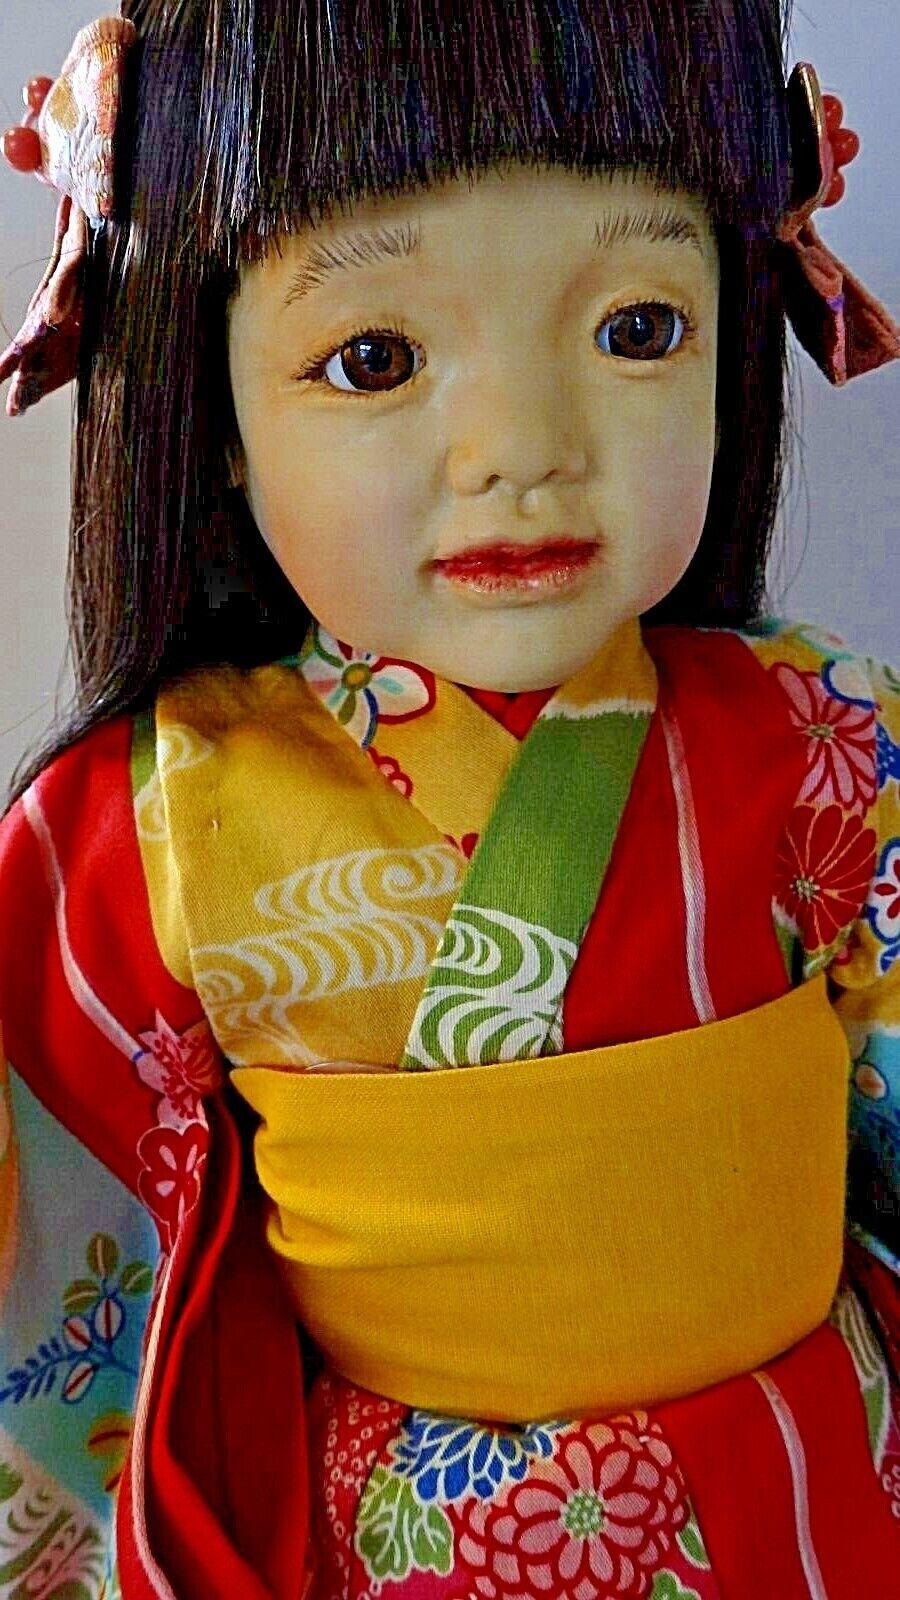 Junko-chan, self-sculpturot, handmade, OOAK Japanese girl art doll